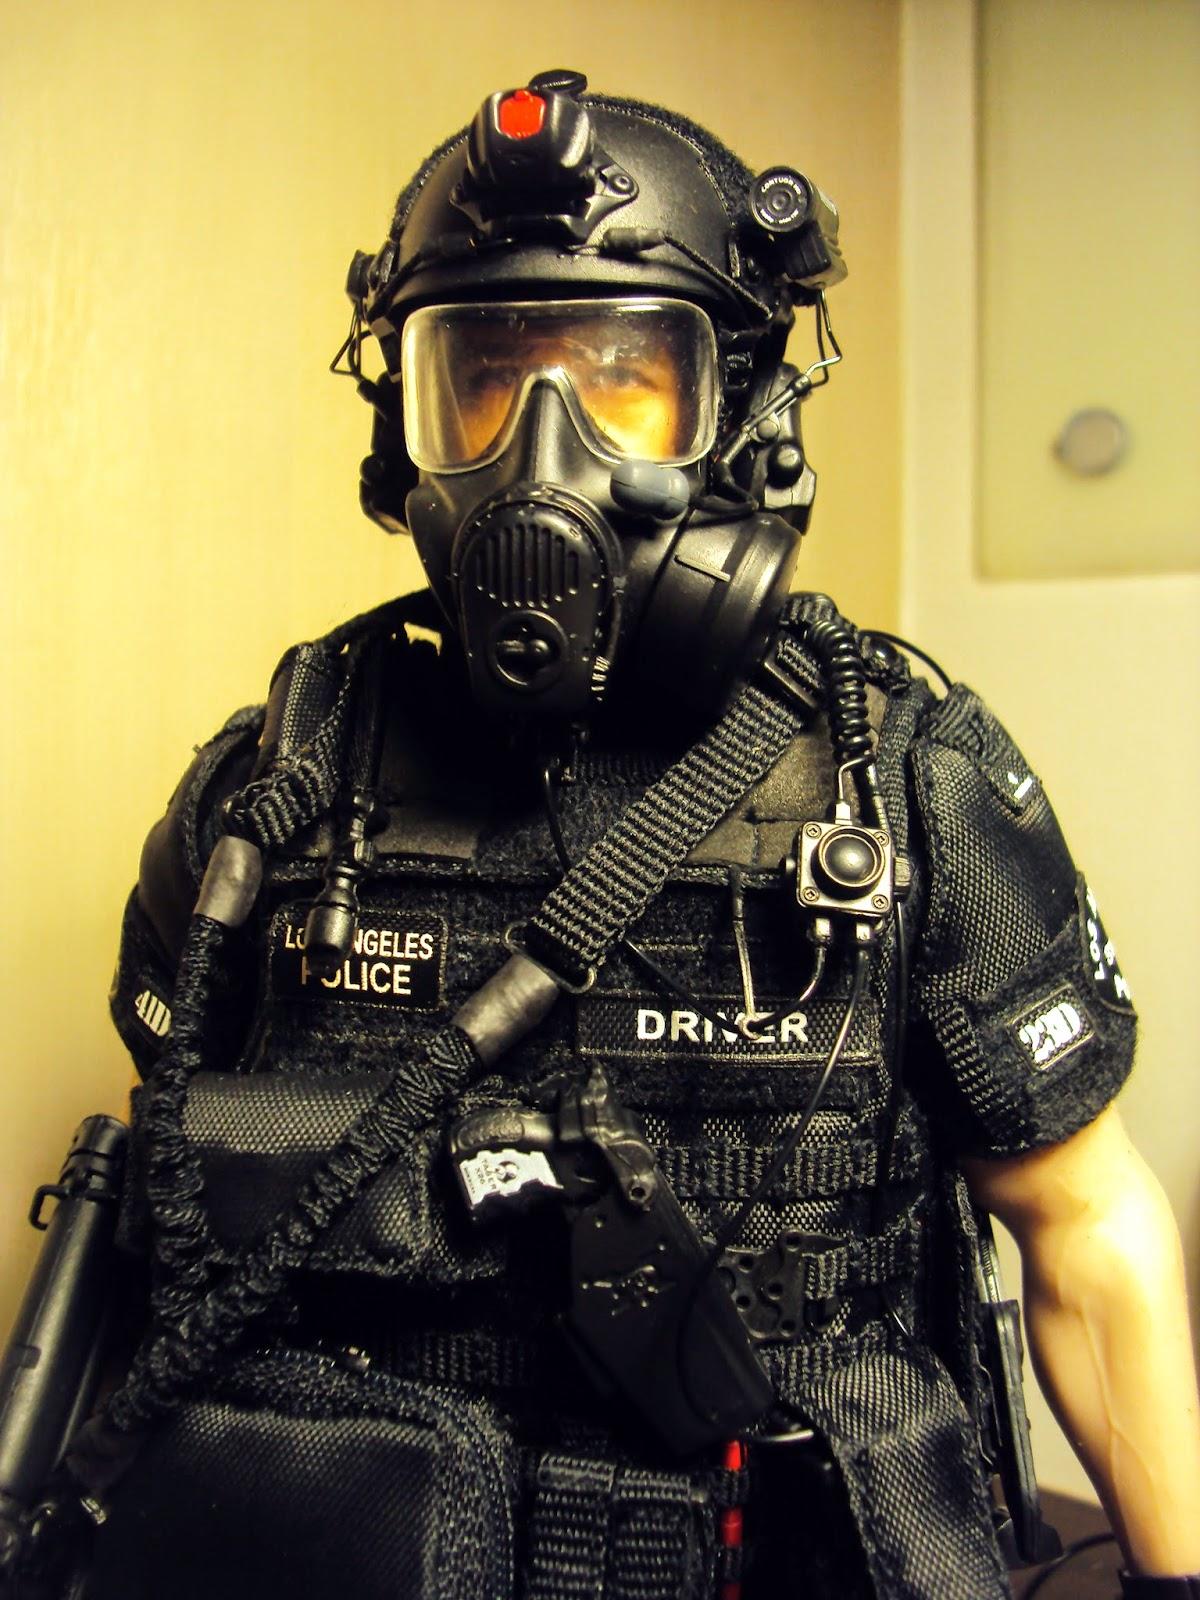 半支煙 Pt 二 Did Lapd Swat Assaulter